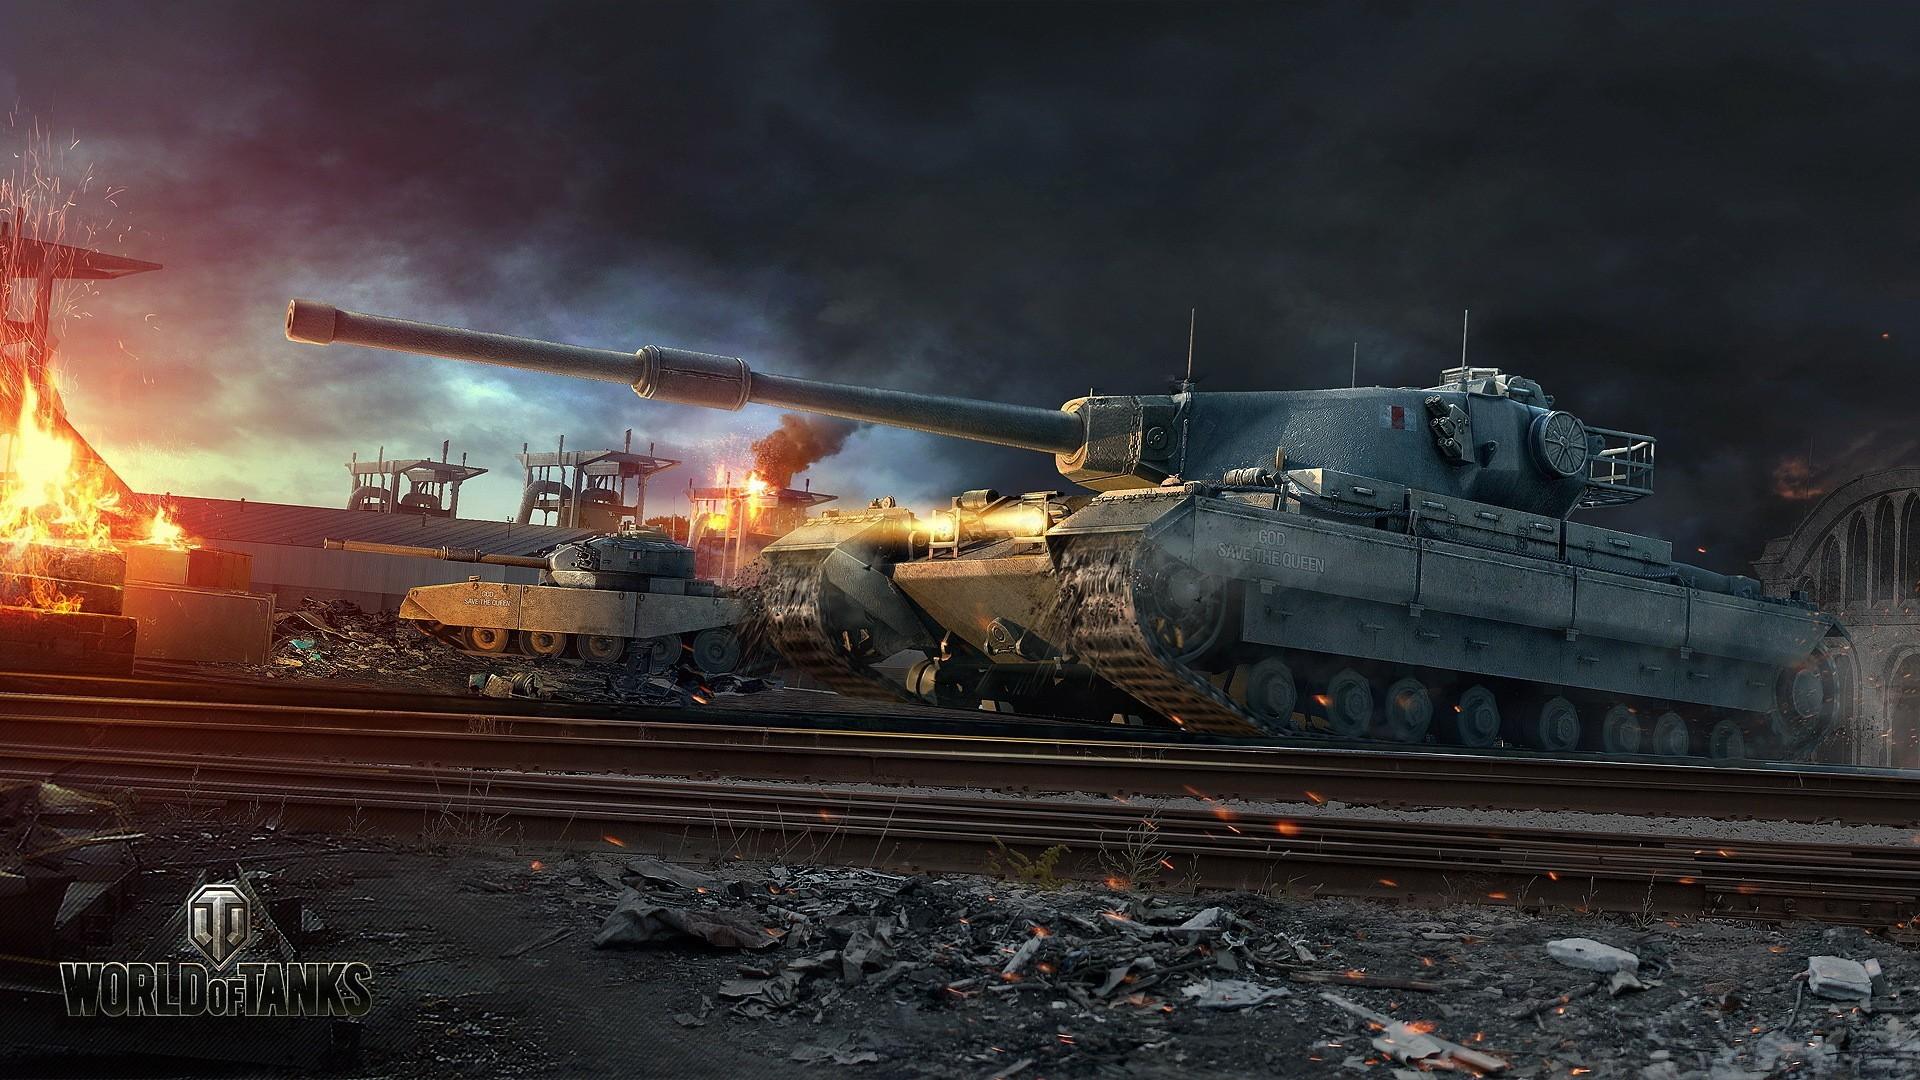 Какой танк из WoT развивает самую высокую скорость?